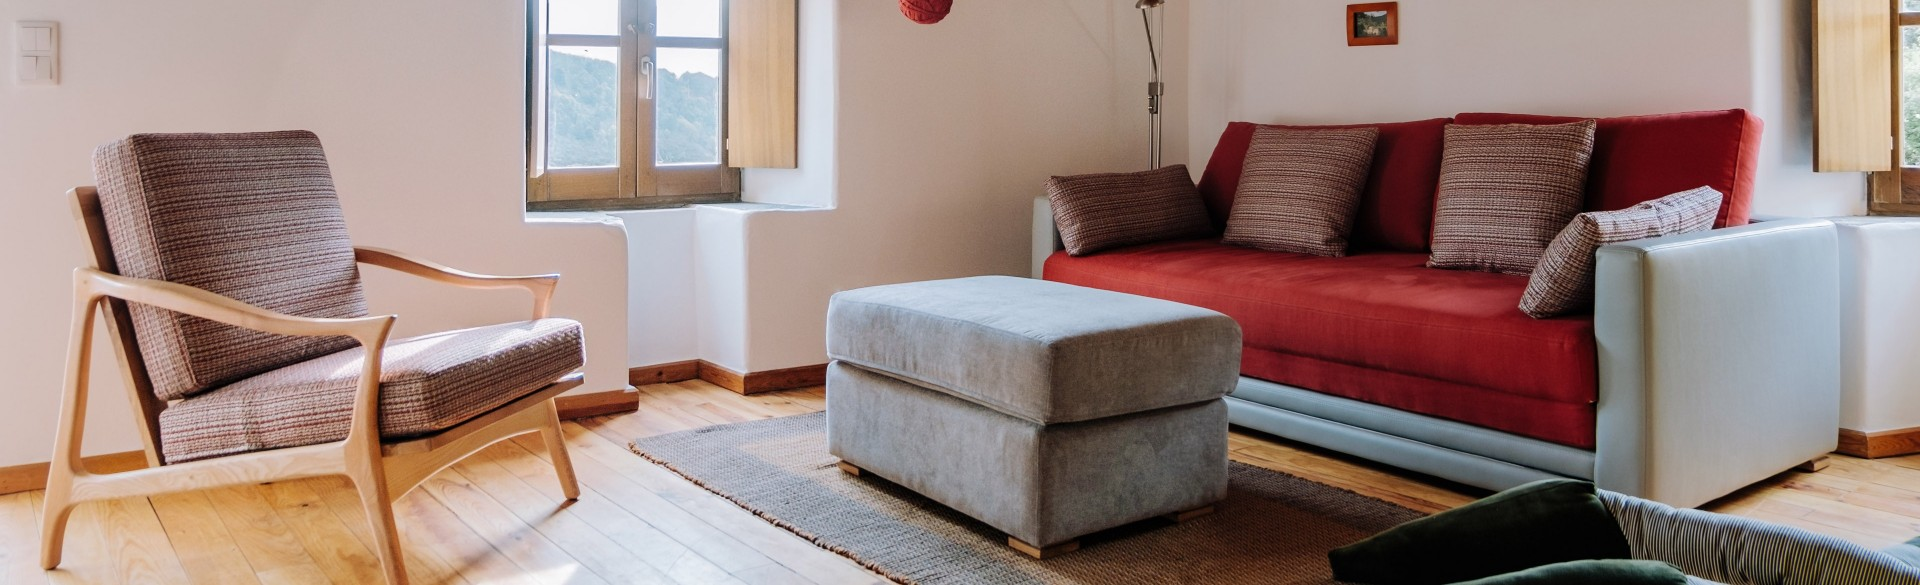 Casa da Azeitona - Cerdeira - Home for Creativity